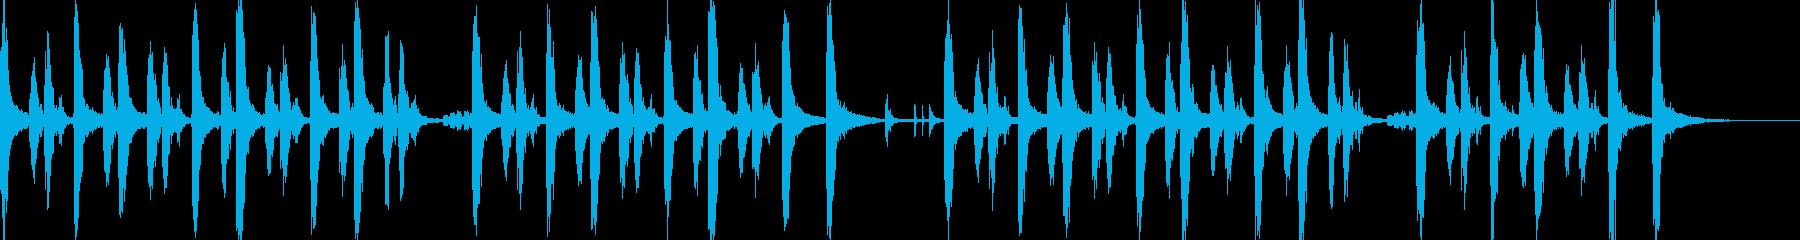 30秒CM、明るい印象のピチカートBGMの再生済みの波形